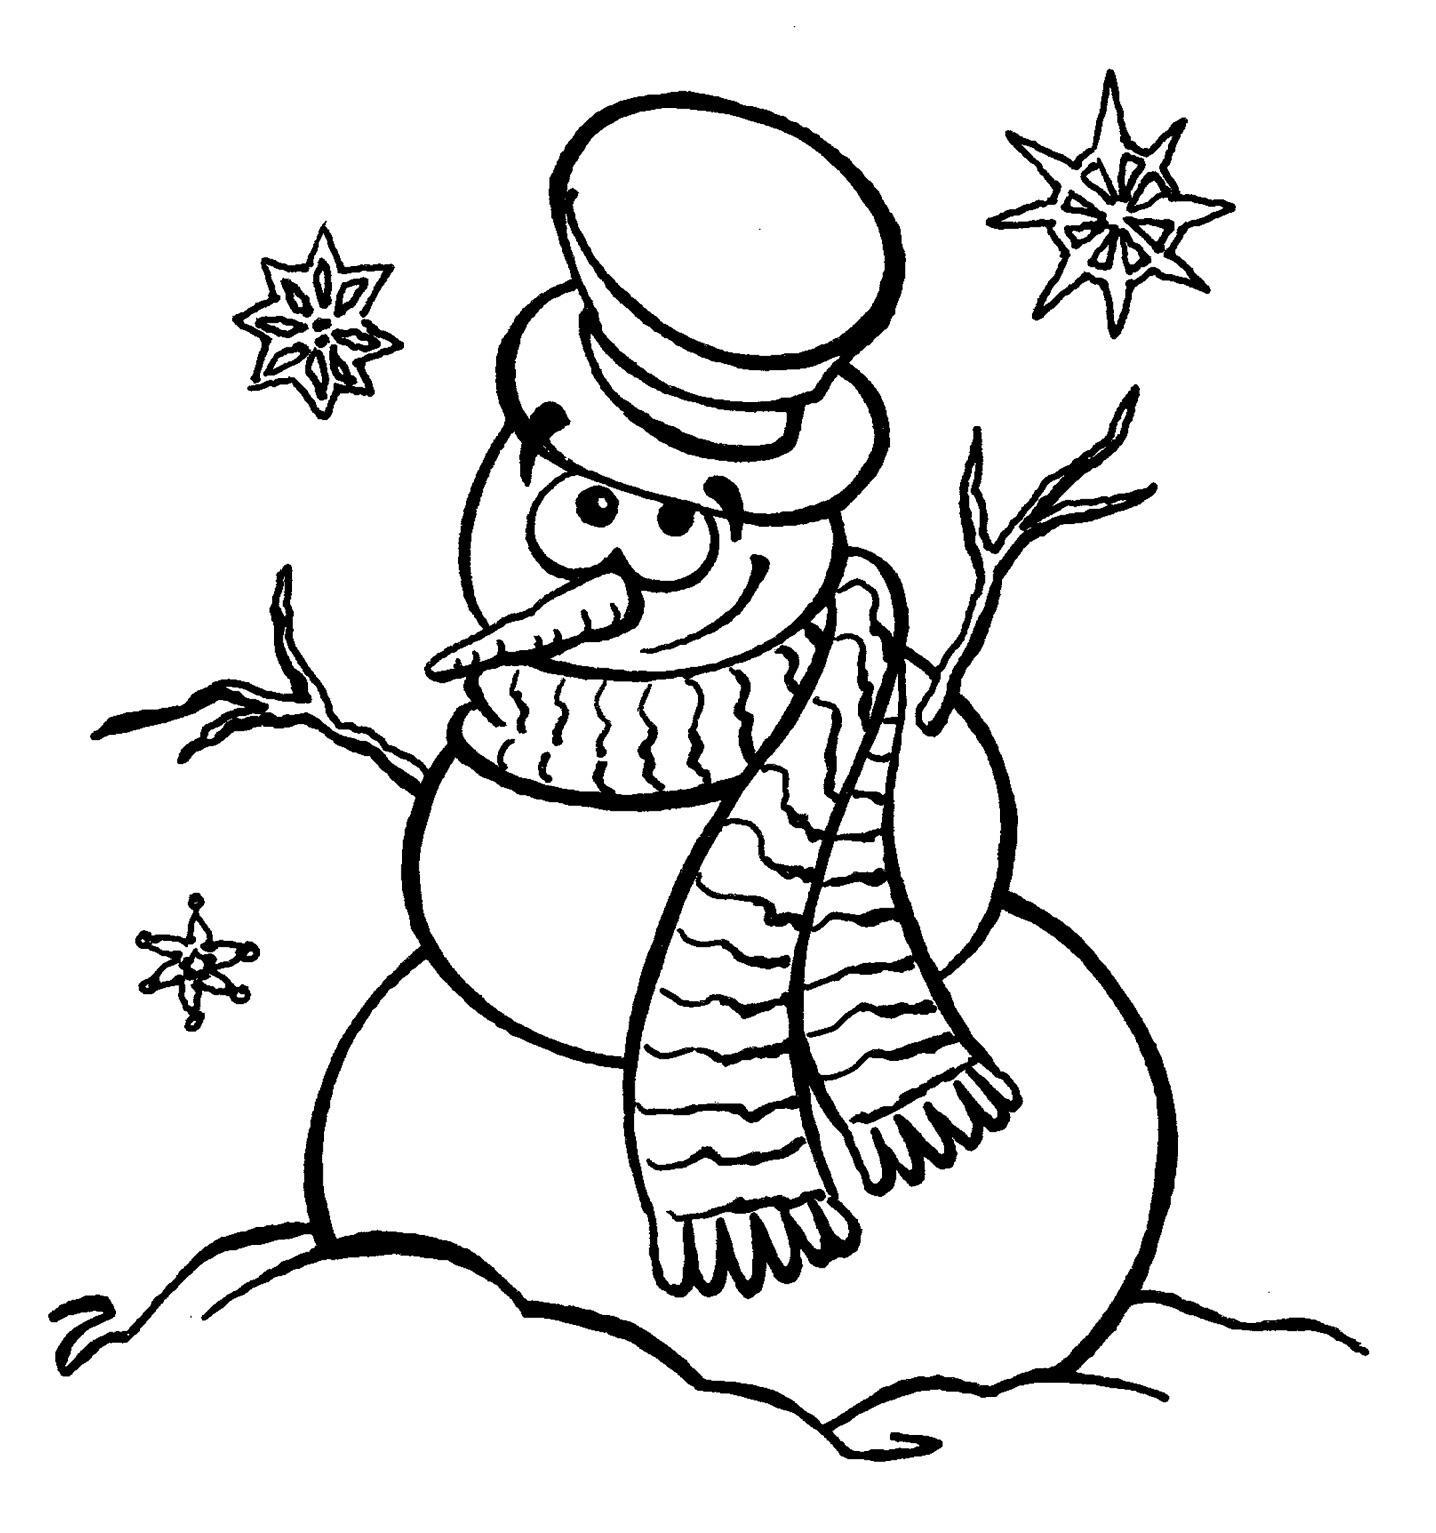 Снеговик в цилиндре с шарфом смотрит на снежинки Рисунок раскраска на зимнюю тему